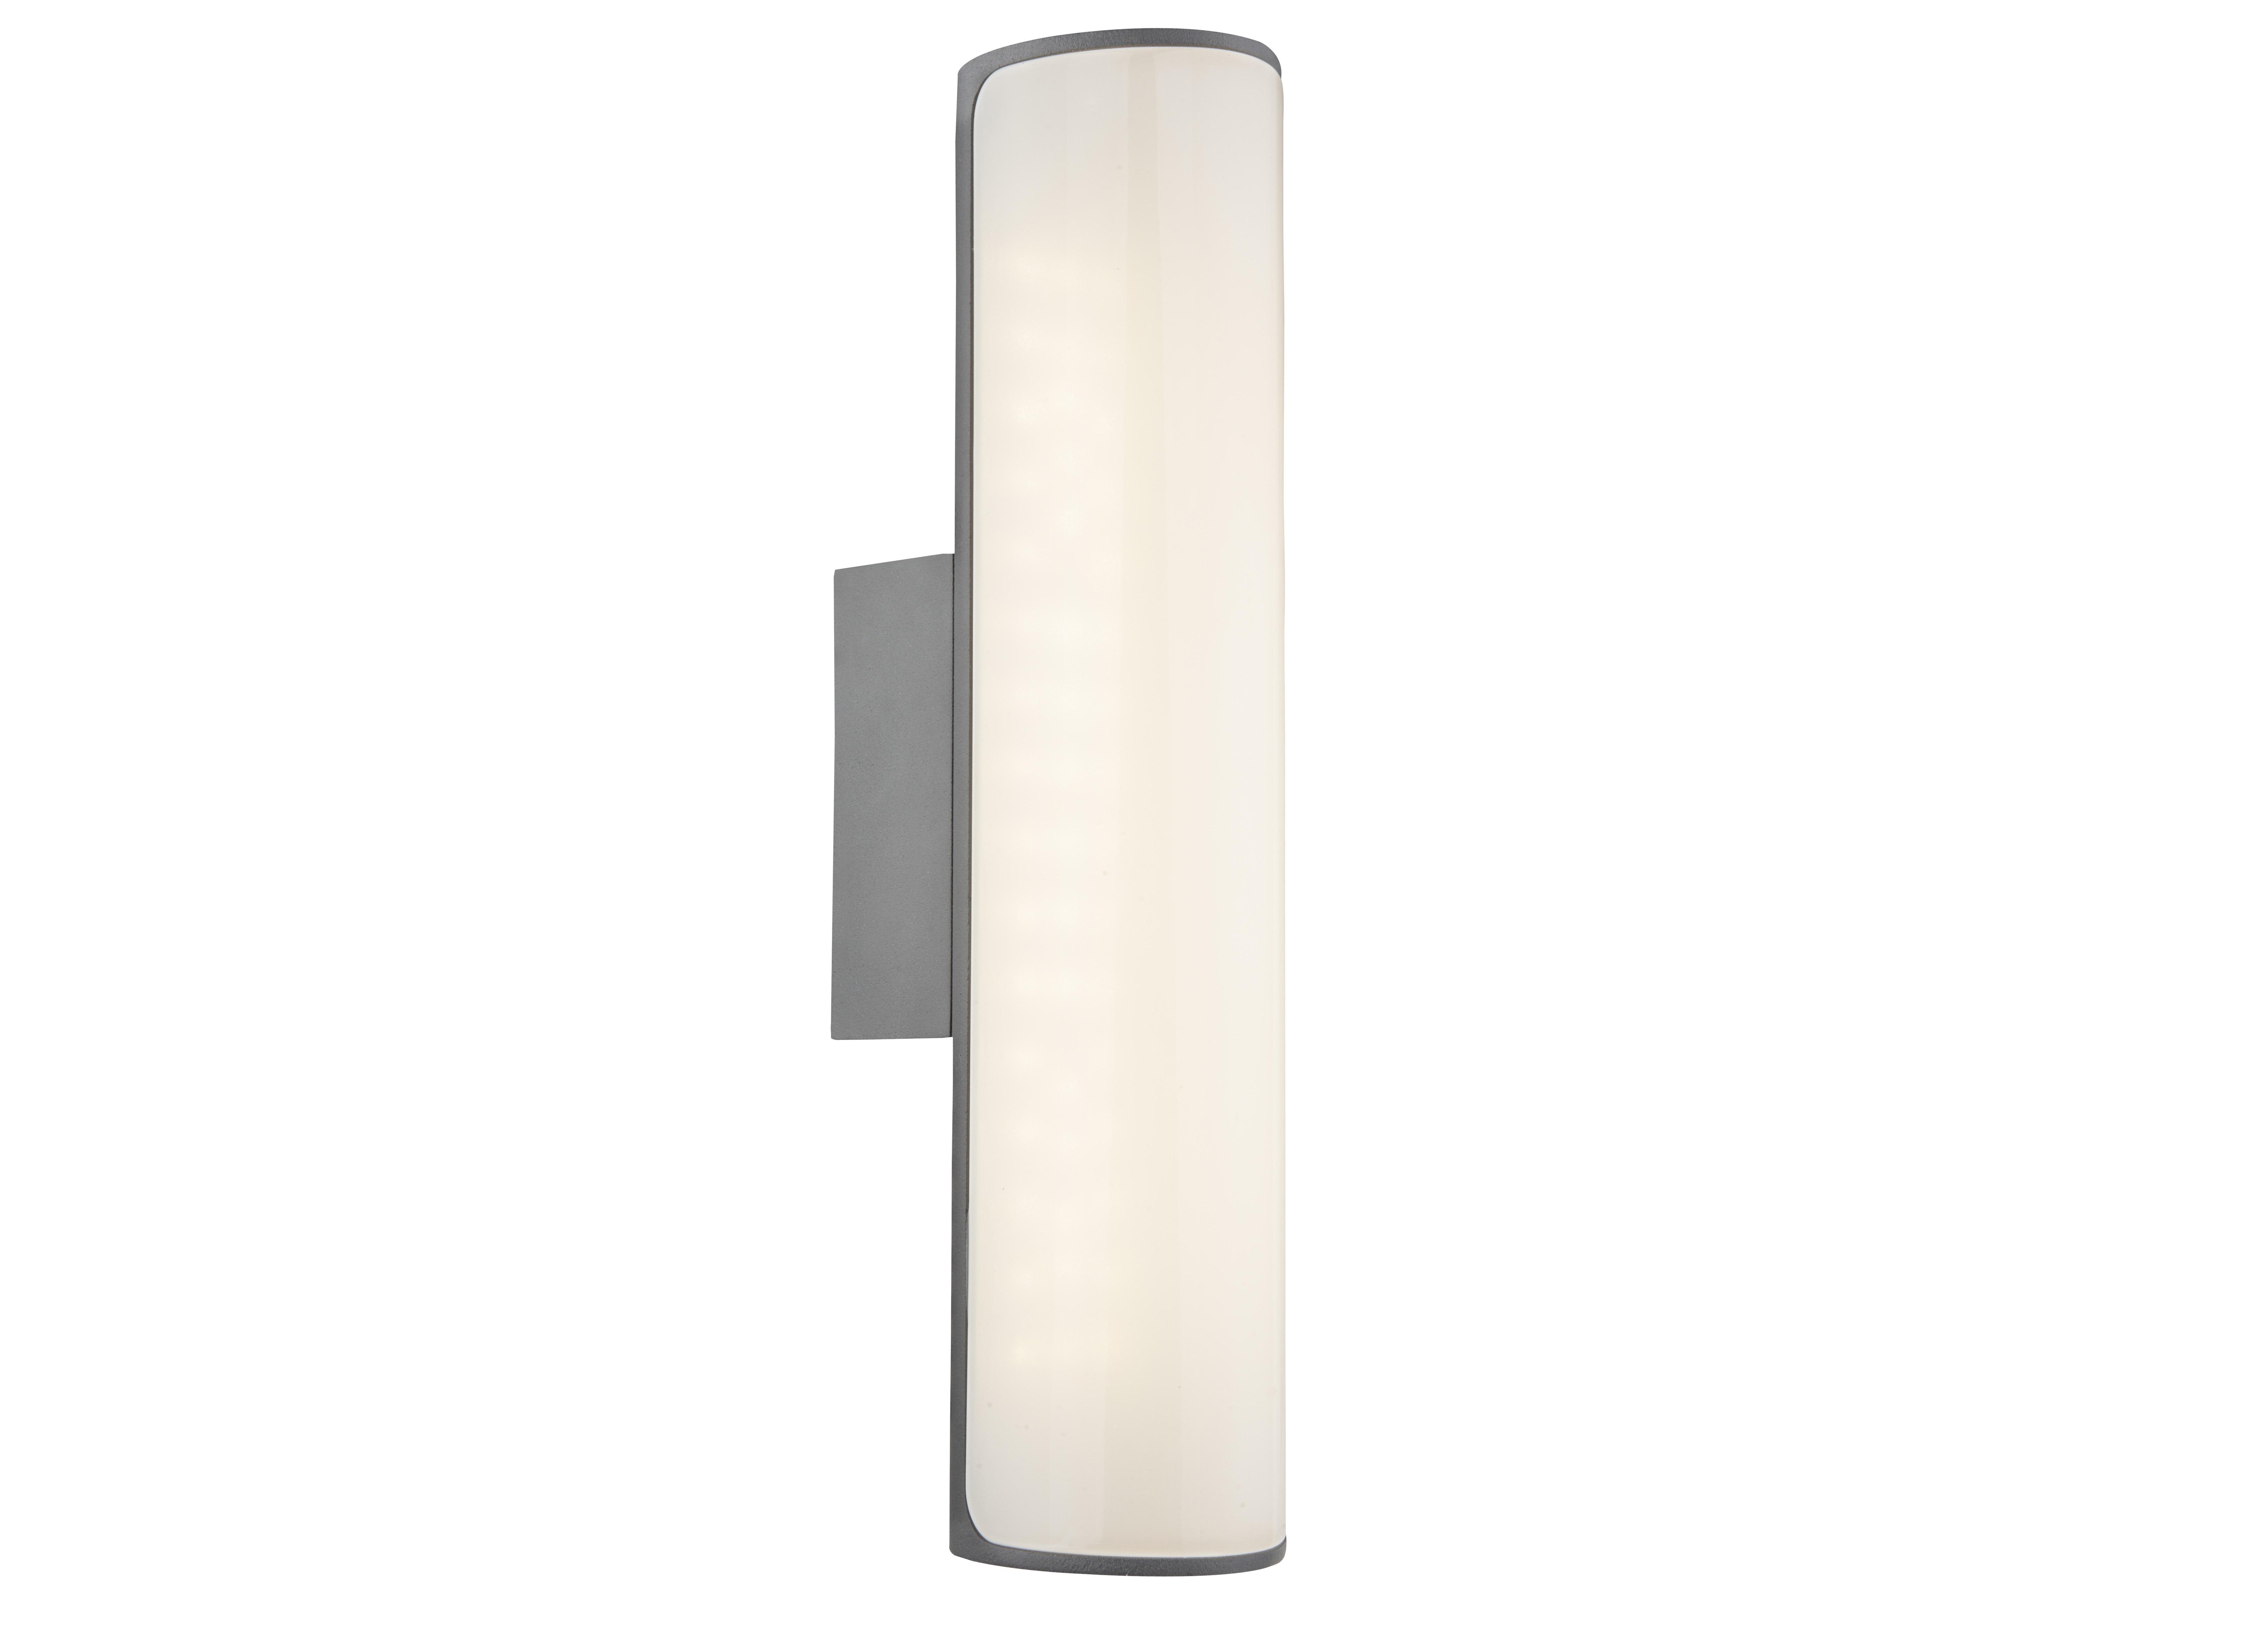 Светильник уличныйУличные настенные светильники<br>&amp;lt;div&amp;gt;Тип цоколя: LED&amp;lt;/div&amp;gt;&amp;lt;div&amp;gt;Мощность: 9W&amp;lt;/div&amp;gt;&amp;lt;div&amp;gt;Кол-во ламп: 1 (в комплекте)&amp;lt;/div&amp;gt;&amp;lt;div&amp;gt;&amp;lt;br&amp;gt;&amp;lt;/div&amp;gt;<br><br>Material: Металл<br>Length см: None<br>Width см: 30<br>Depth см: 10<br>Height см: 6,9<br>Diameter см: None